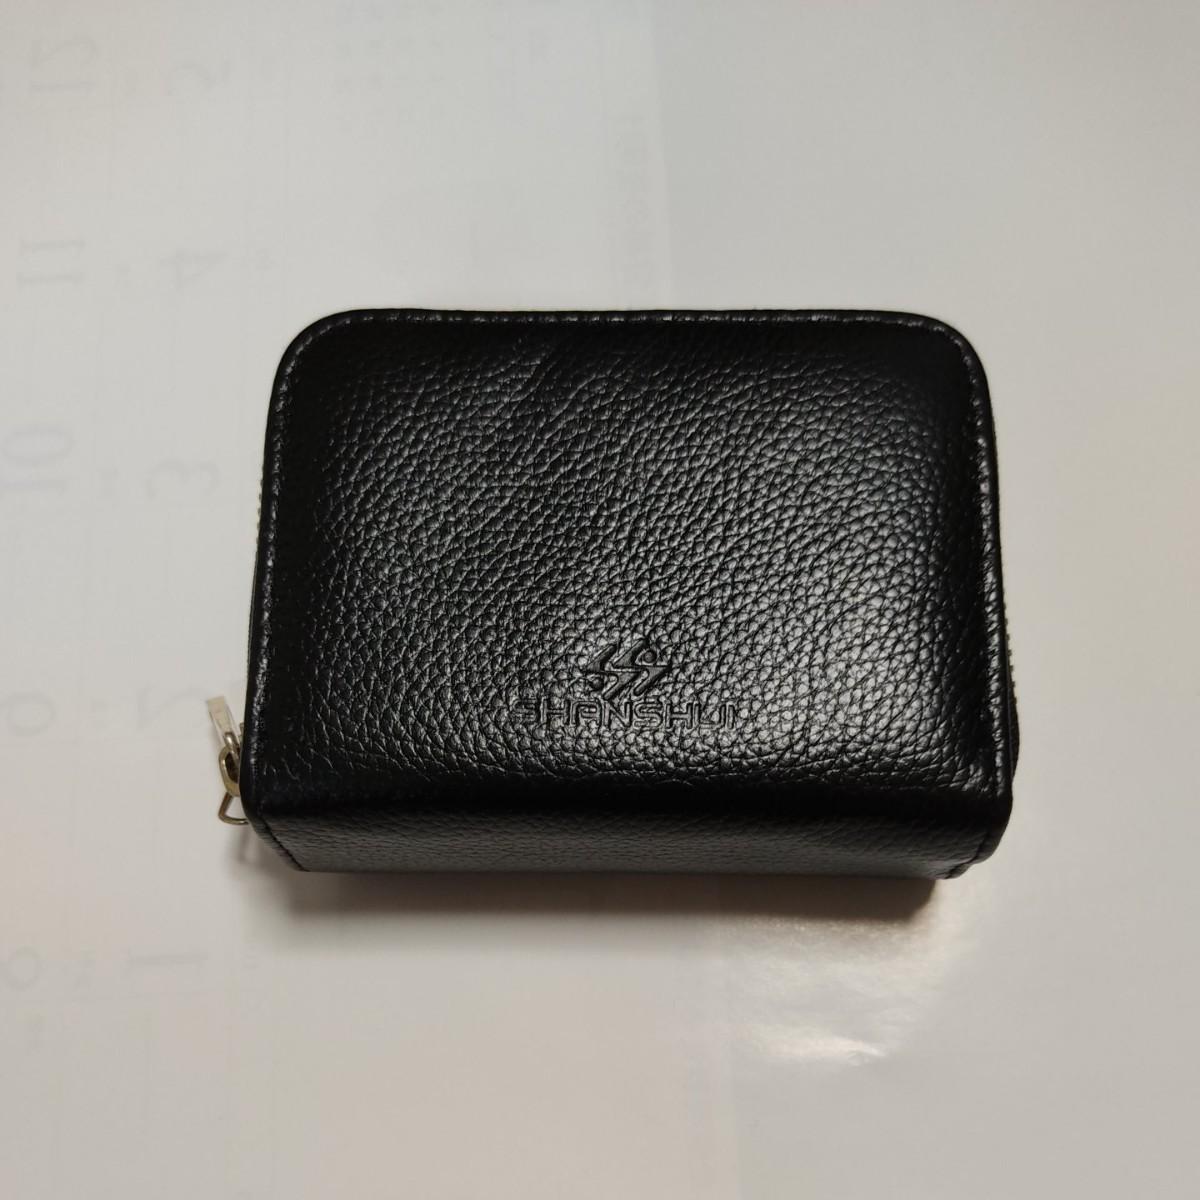 財布  コインケース カードケース 小銭入れ